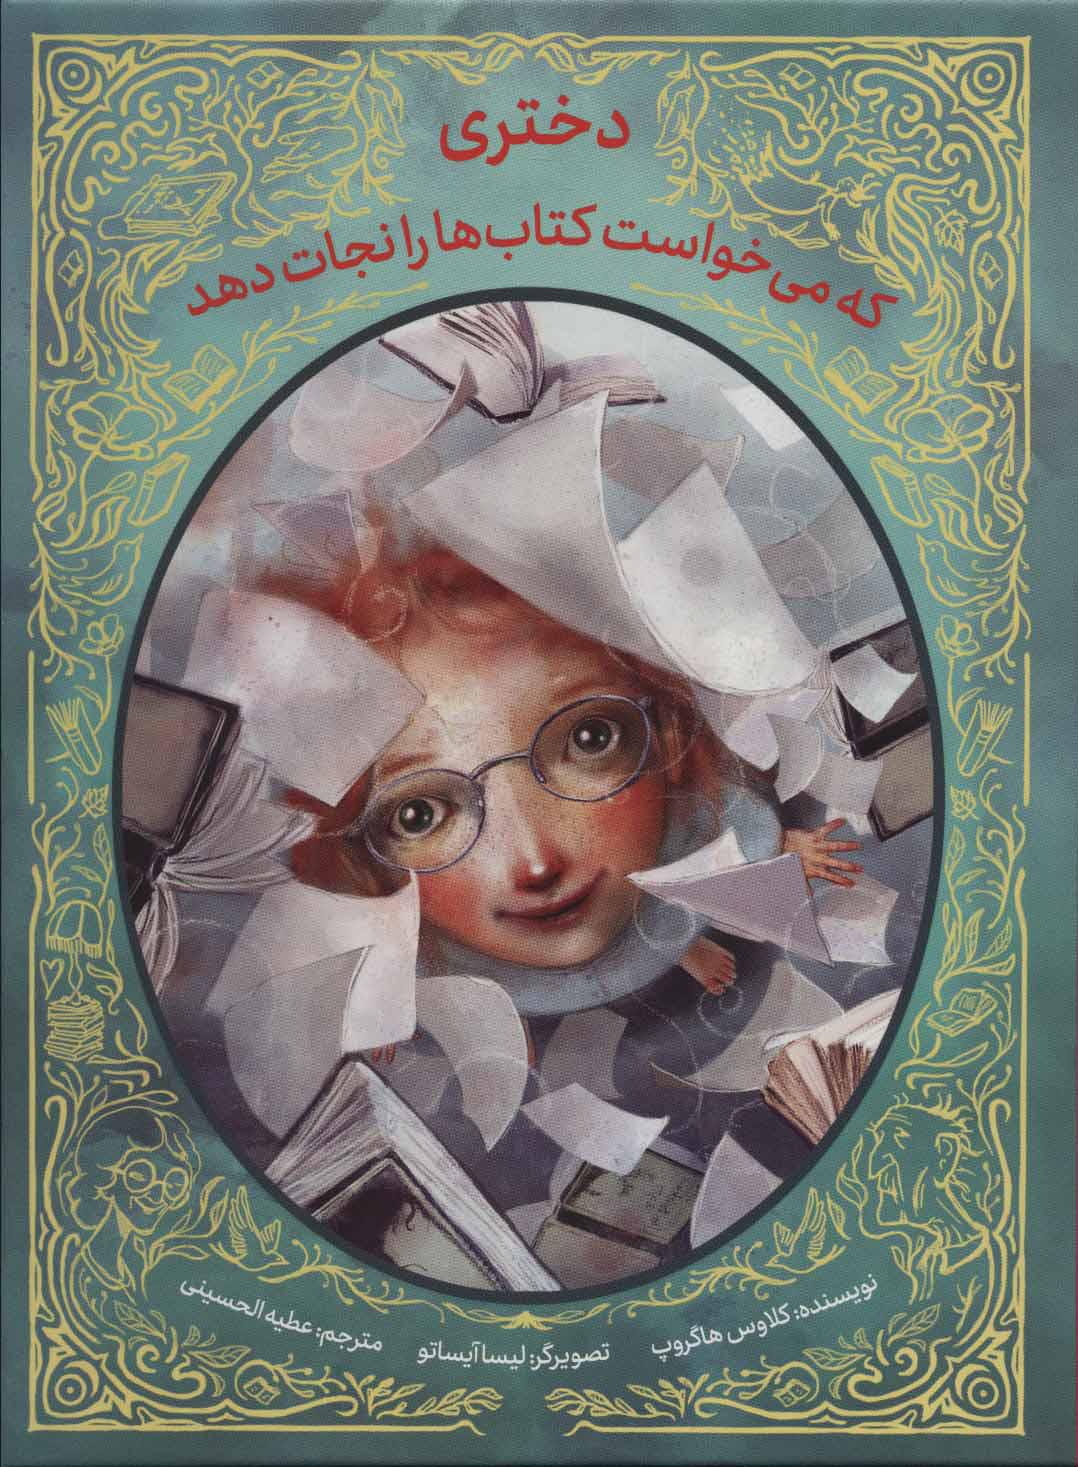 کتاب دختری که می خواست کتاب ها را نجات دهد